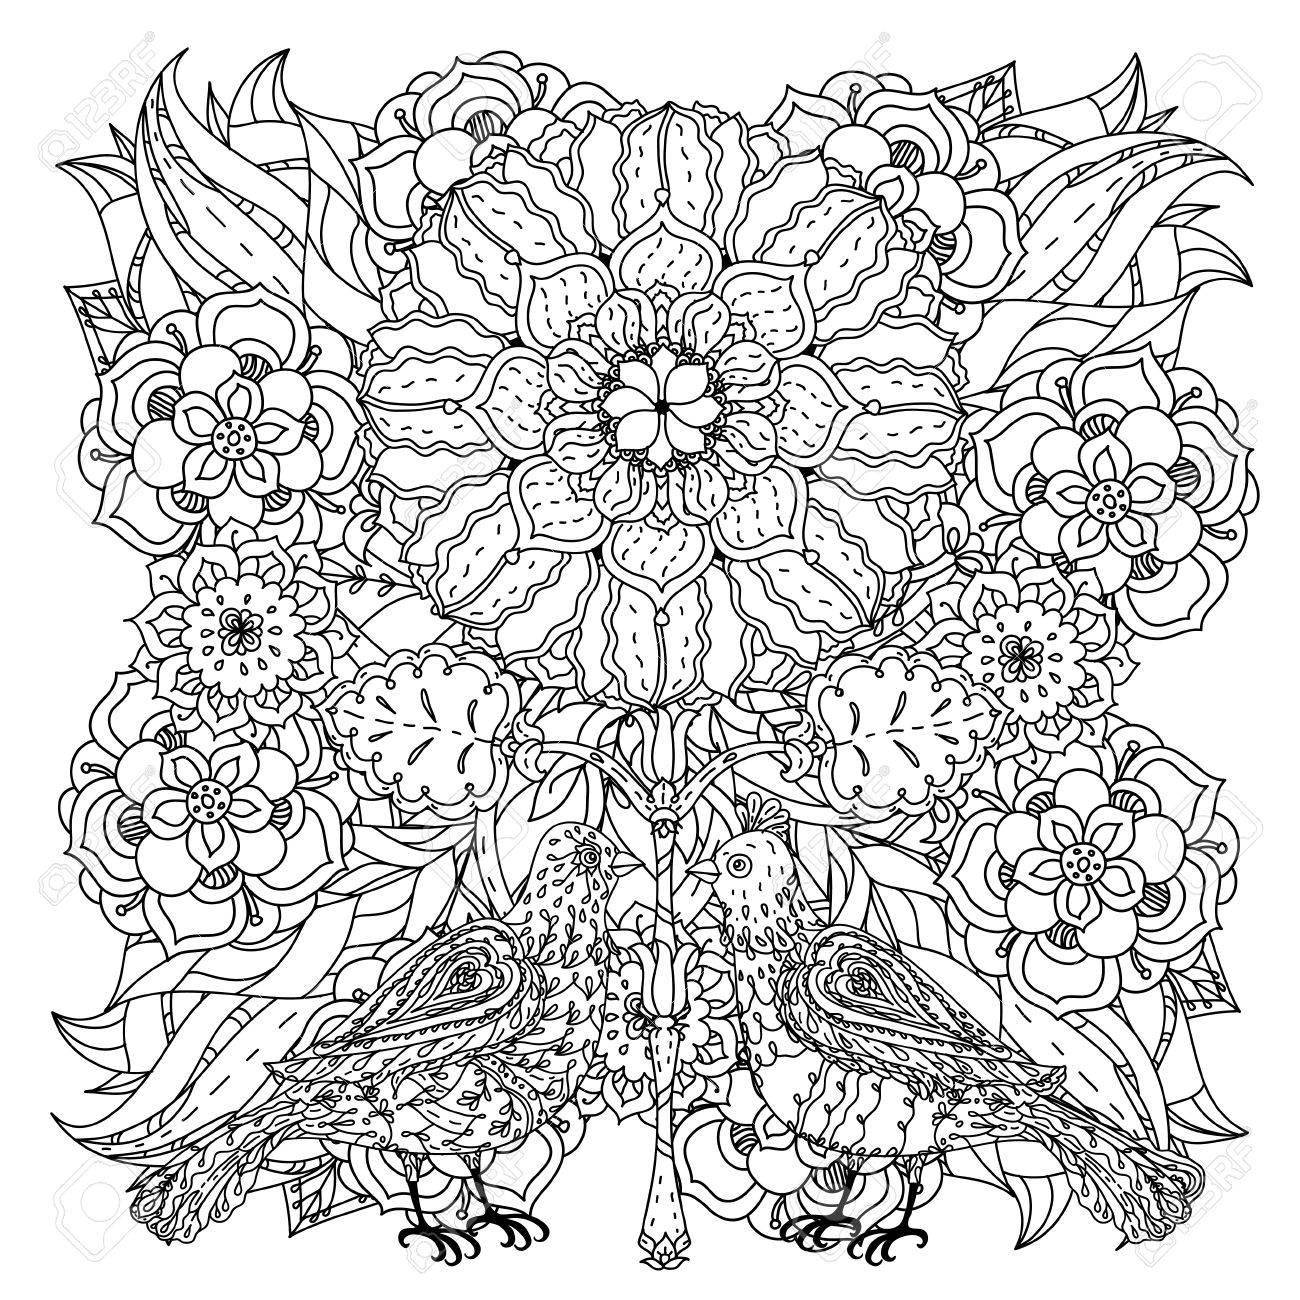 Coloriage Adulte Therapie.Des Fleurs Et Des Oiseaux Pour Livre De Coloriage Adulte Ou Style